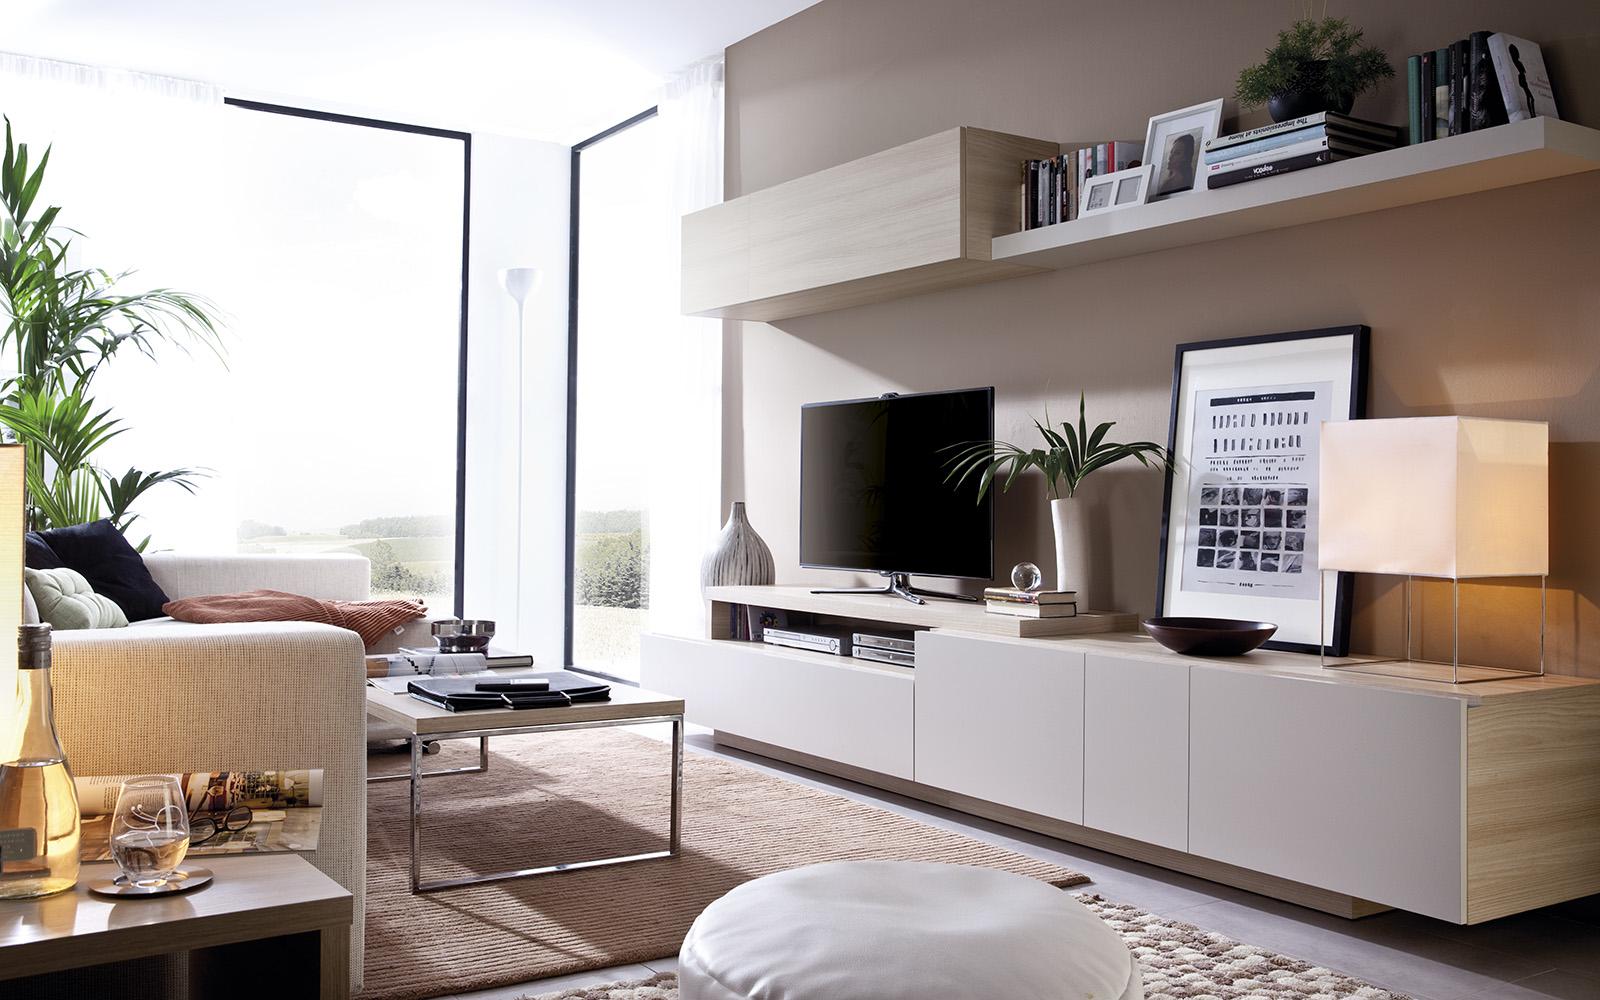 Tatat muebles a medida y m s expertos en mueble juvenil for Muebles colgados para salon